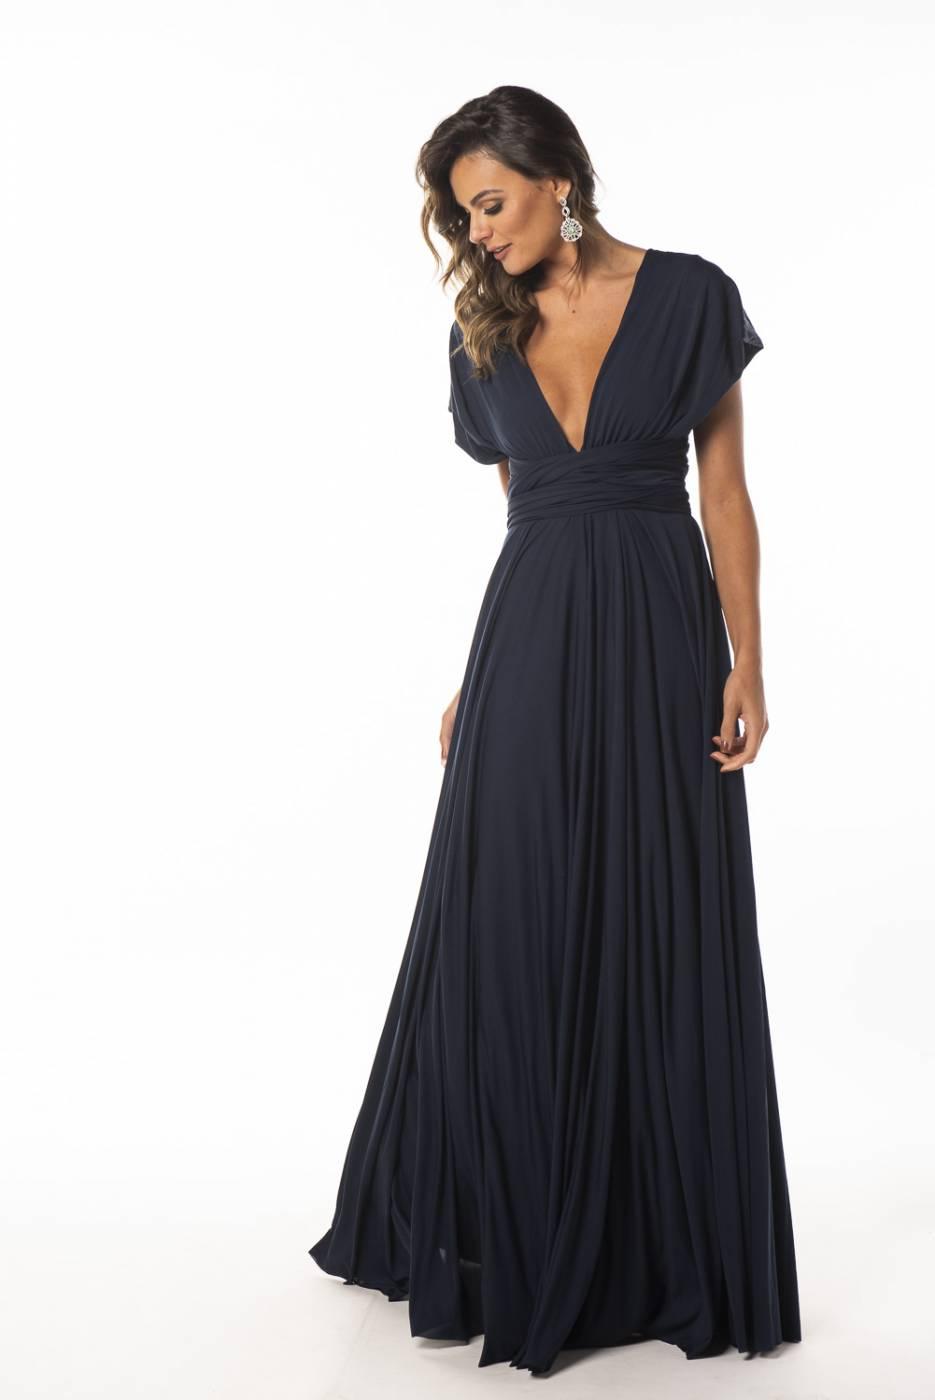 Vestido Multiformas preto